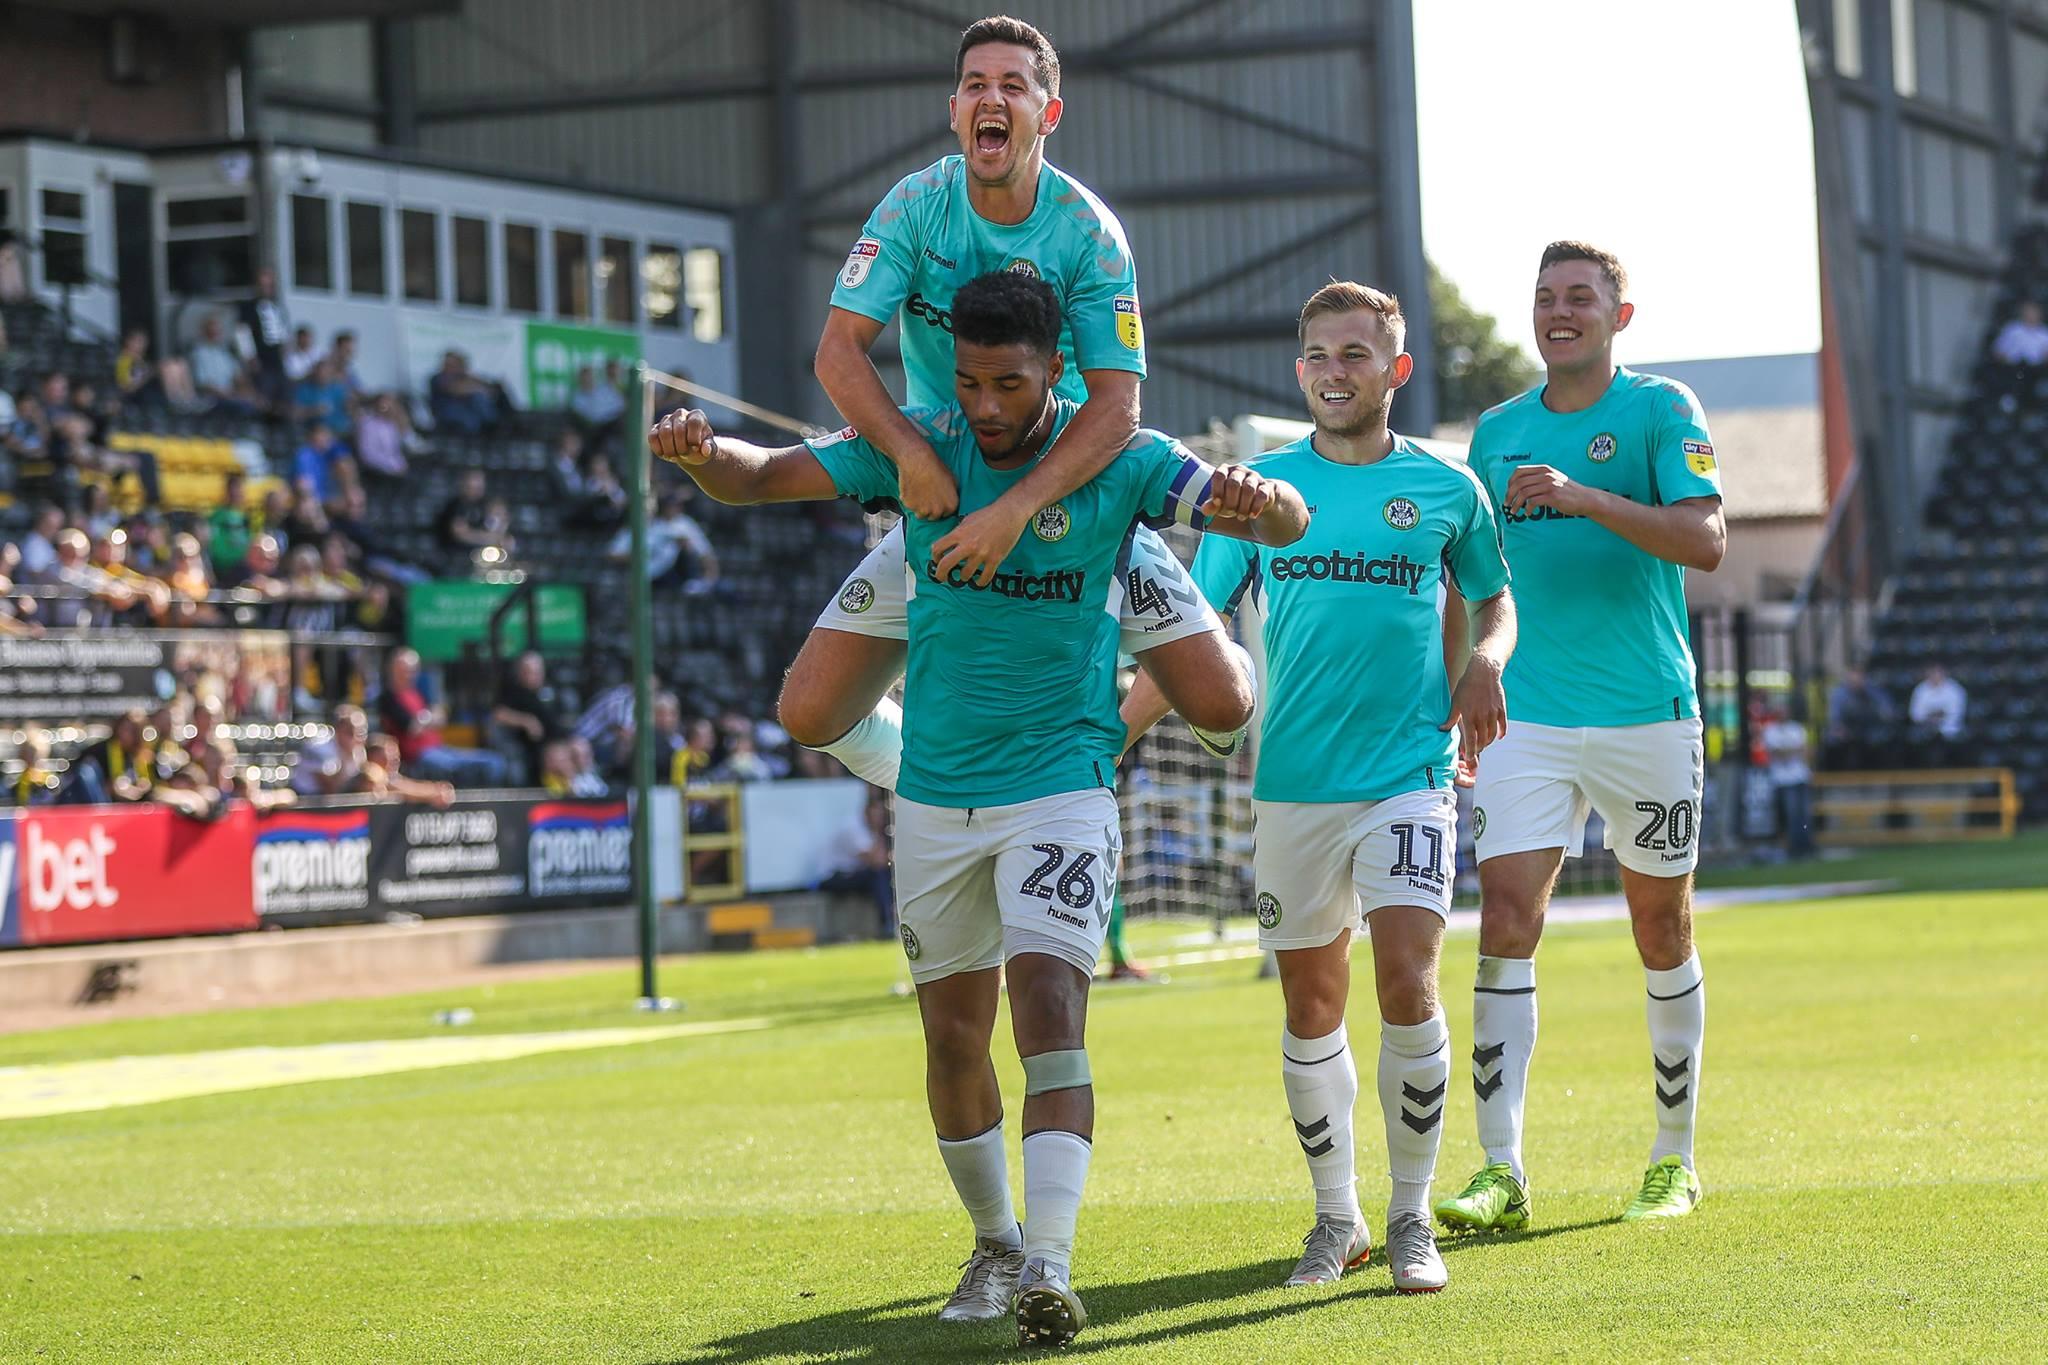 Inghilterra League Two, Forest Green-Tranmere lunedì 13 maggio: analisi e pronostico del ritorno delle semifinali dei play off